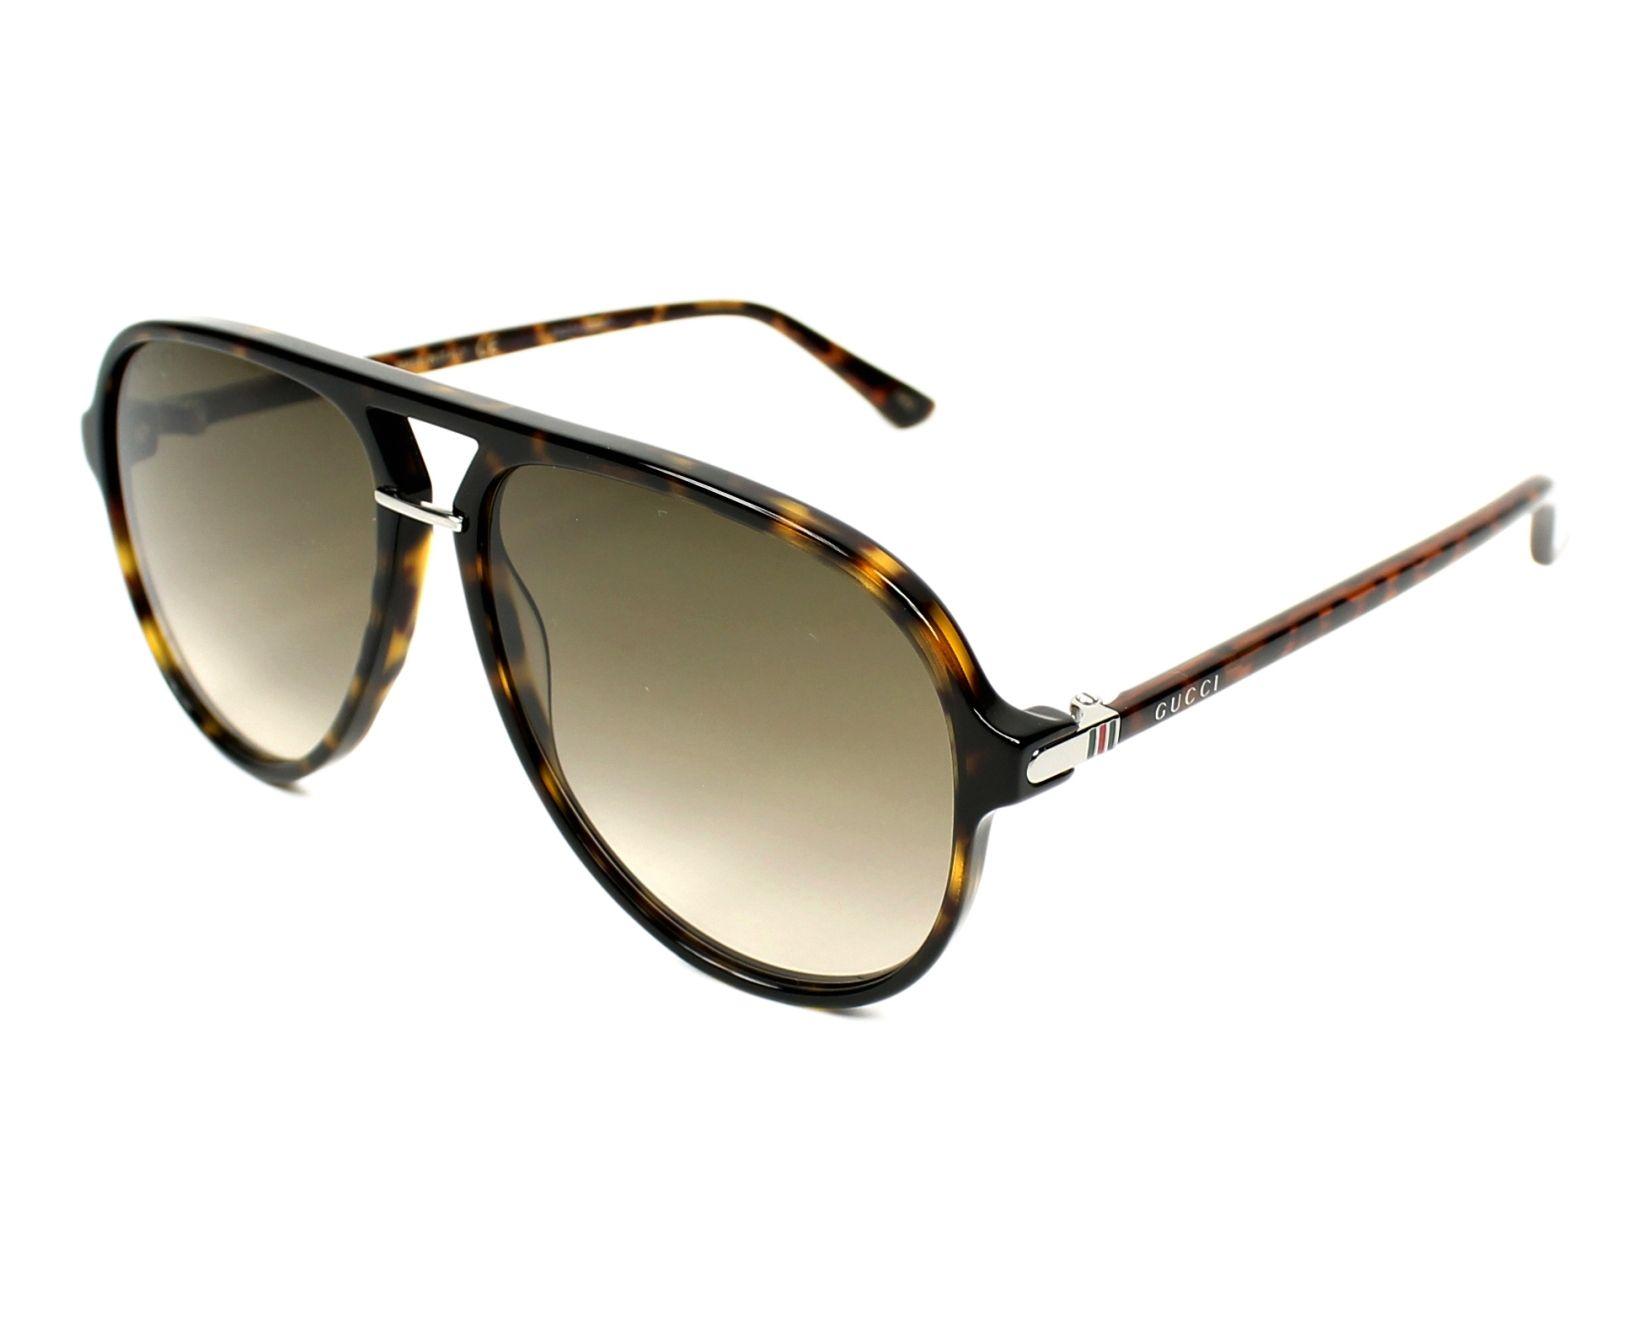 74eb06c53f0 Sunglasses Gucci GG-0015-S 002 58-14 Havana profile view